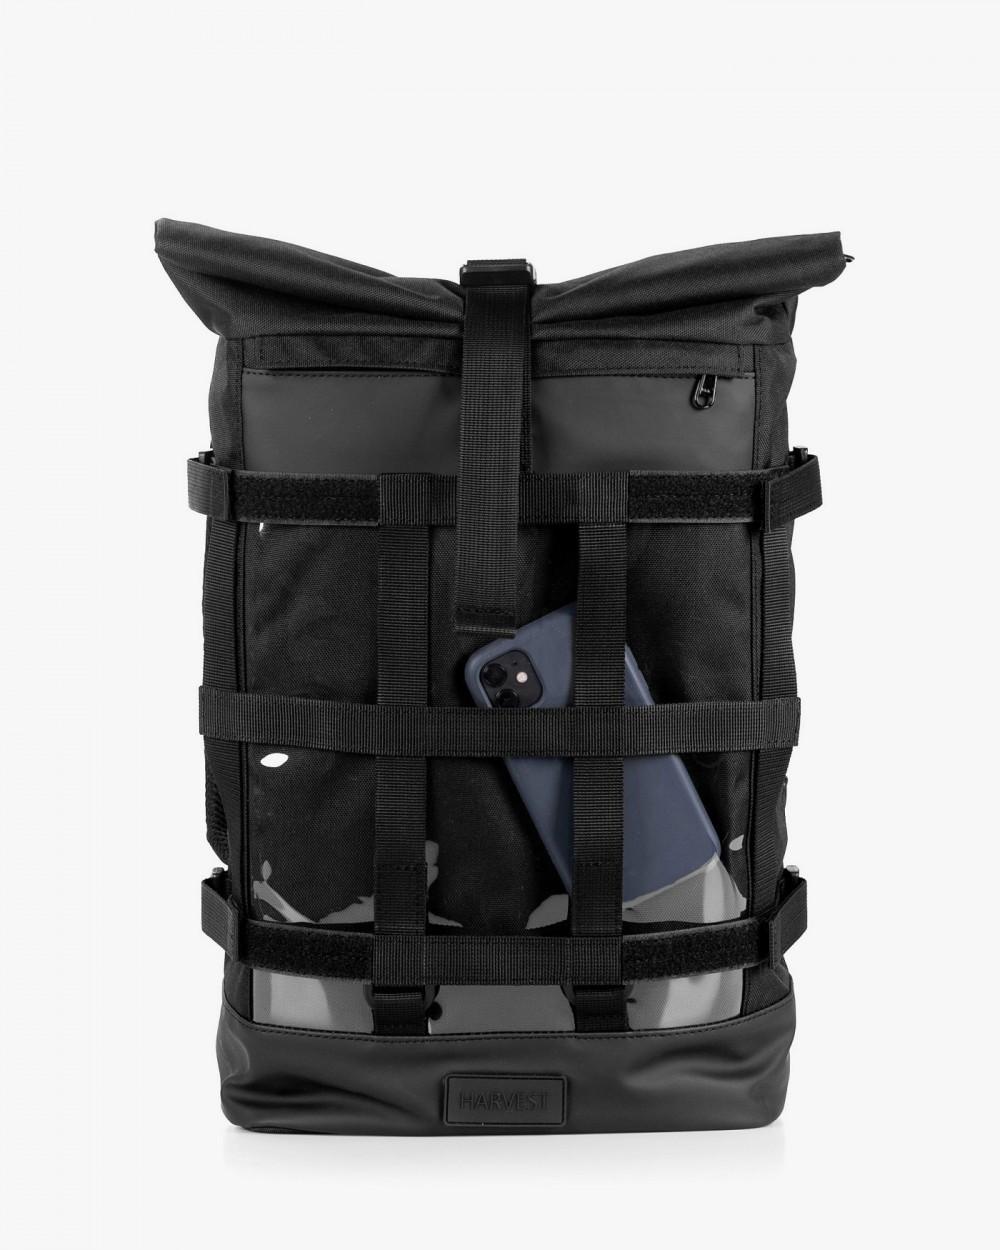 """Рюкзак """"MESH 1"""" глянец, чёрный,на 17л, сумка для ноутбука,унисекс, водоотталкивающий, повседневный, спортивный"""